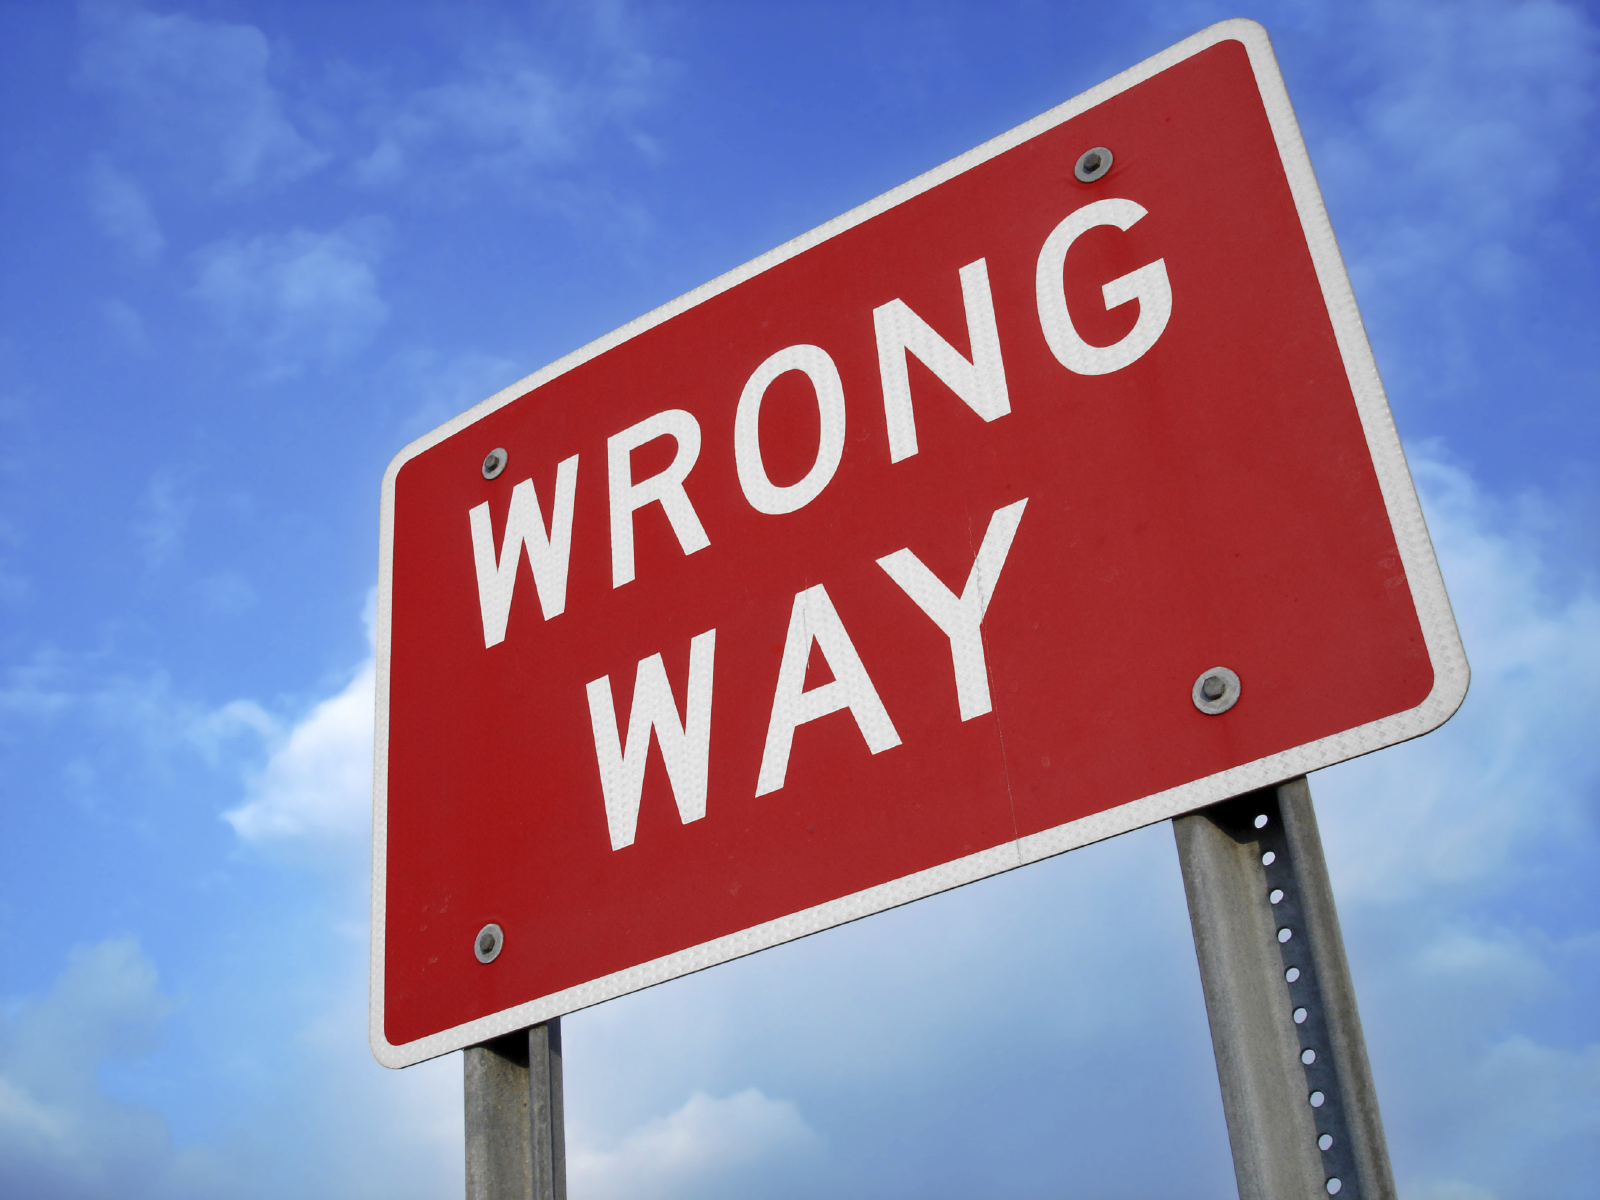 picWrong-Way-sign